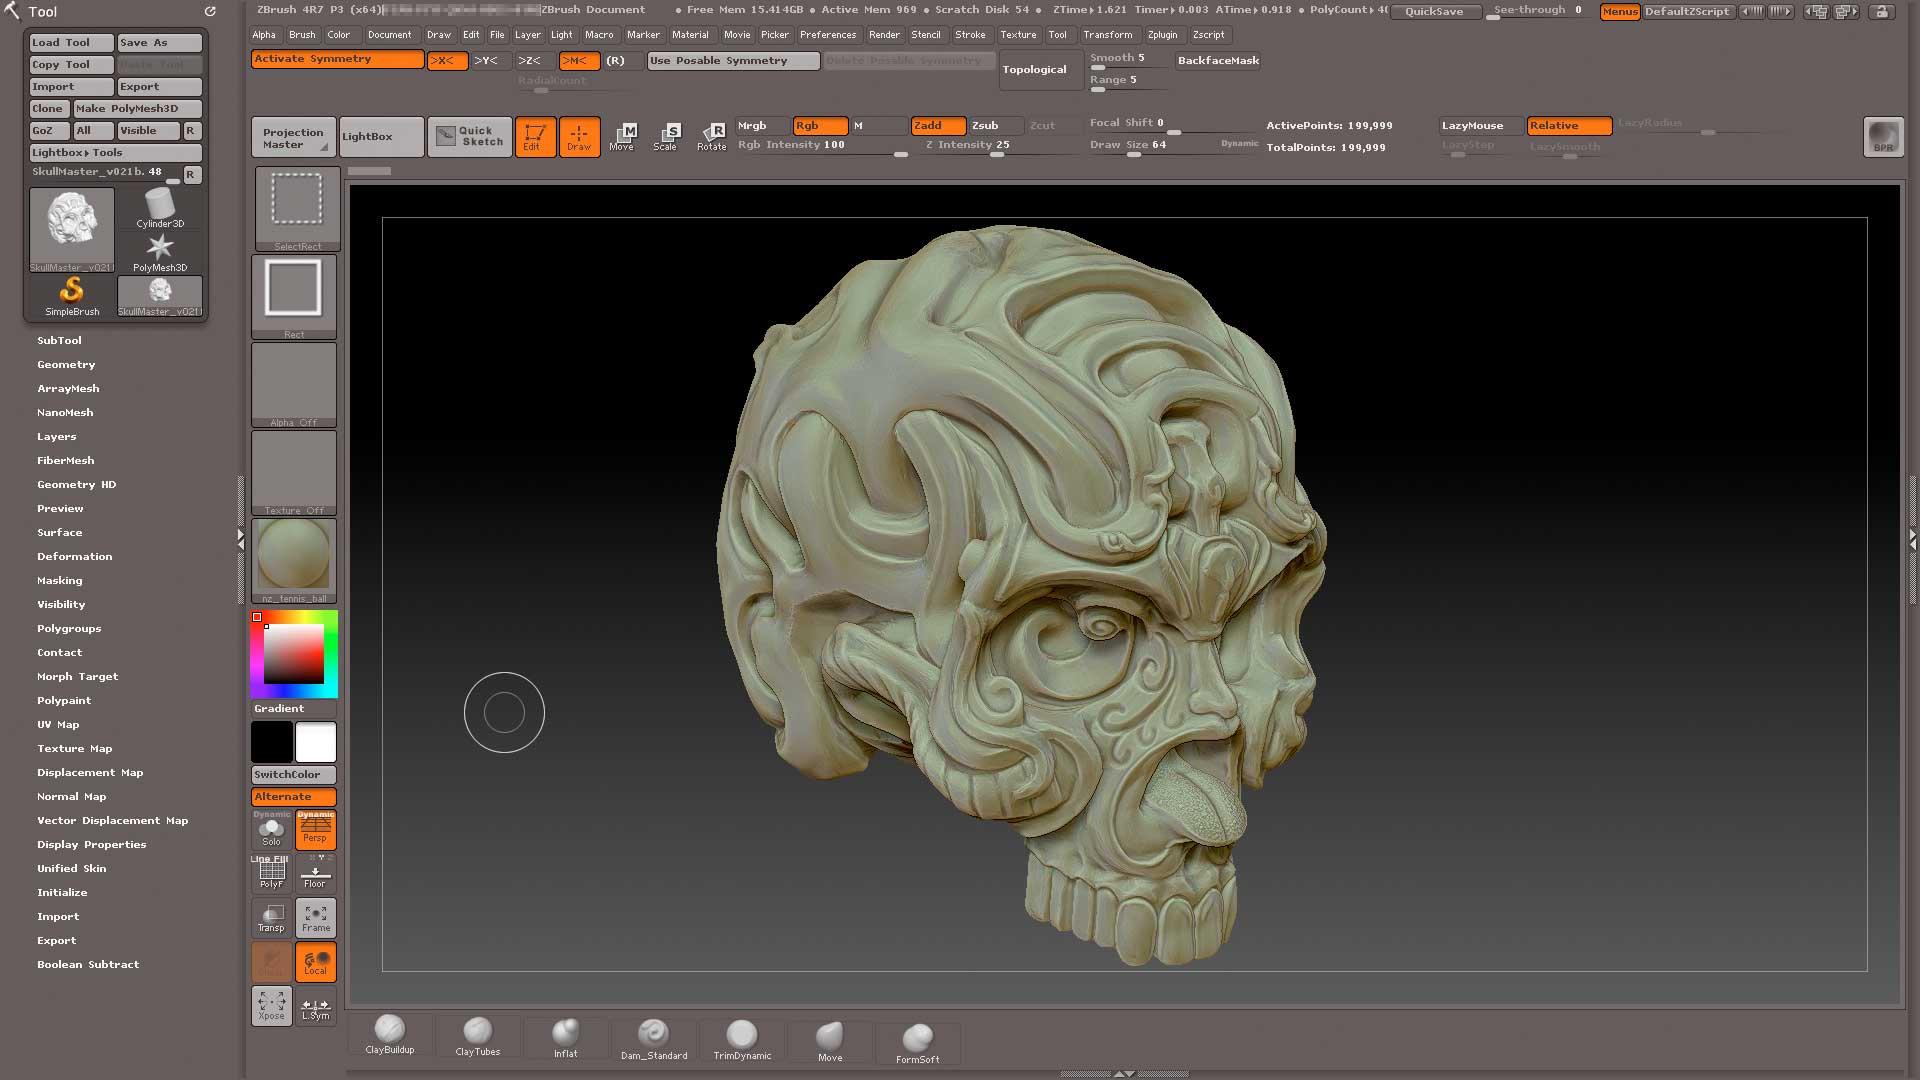 user_img-du8ac1ocHu_skull2.jpg